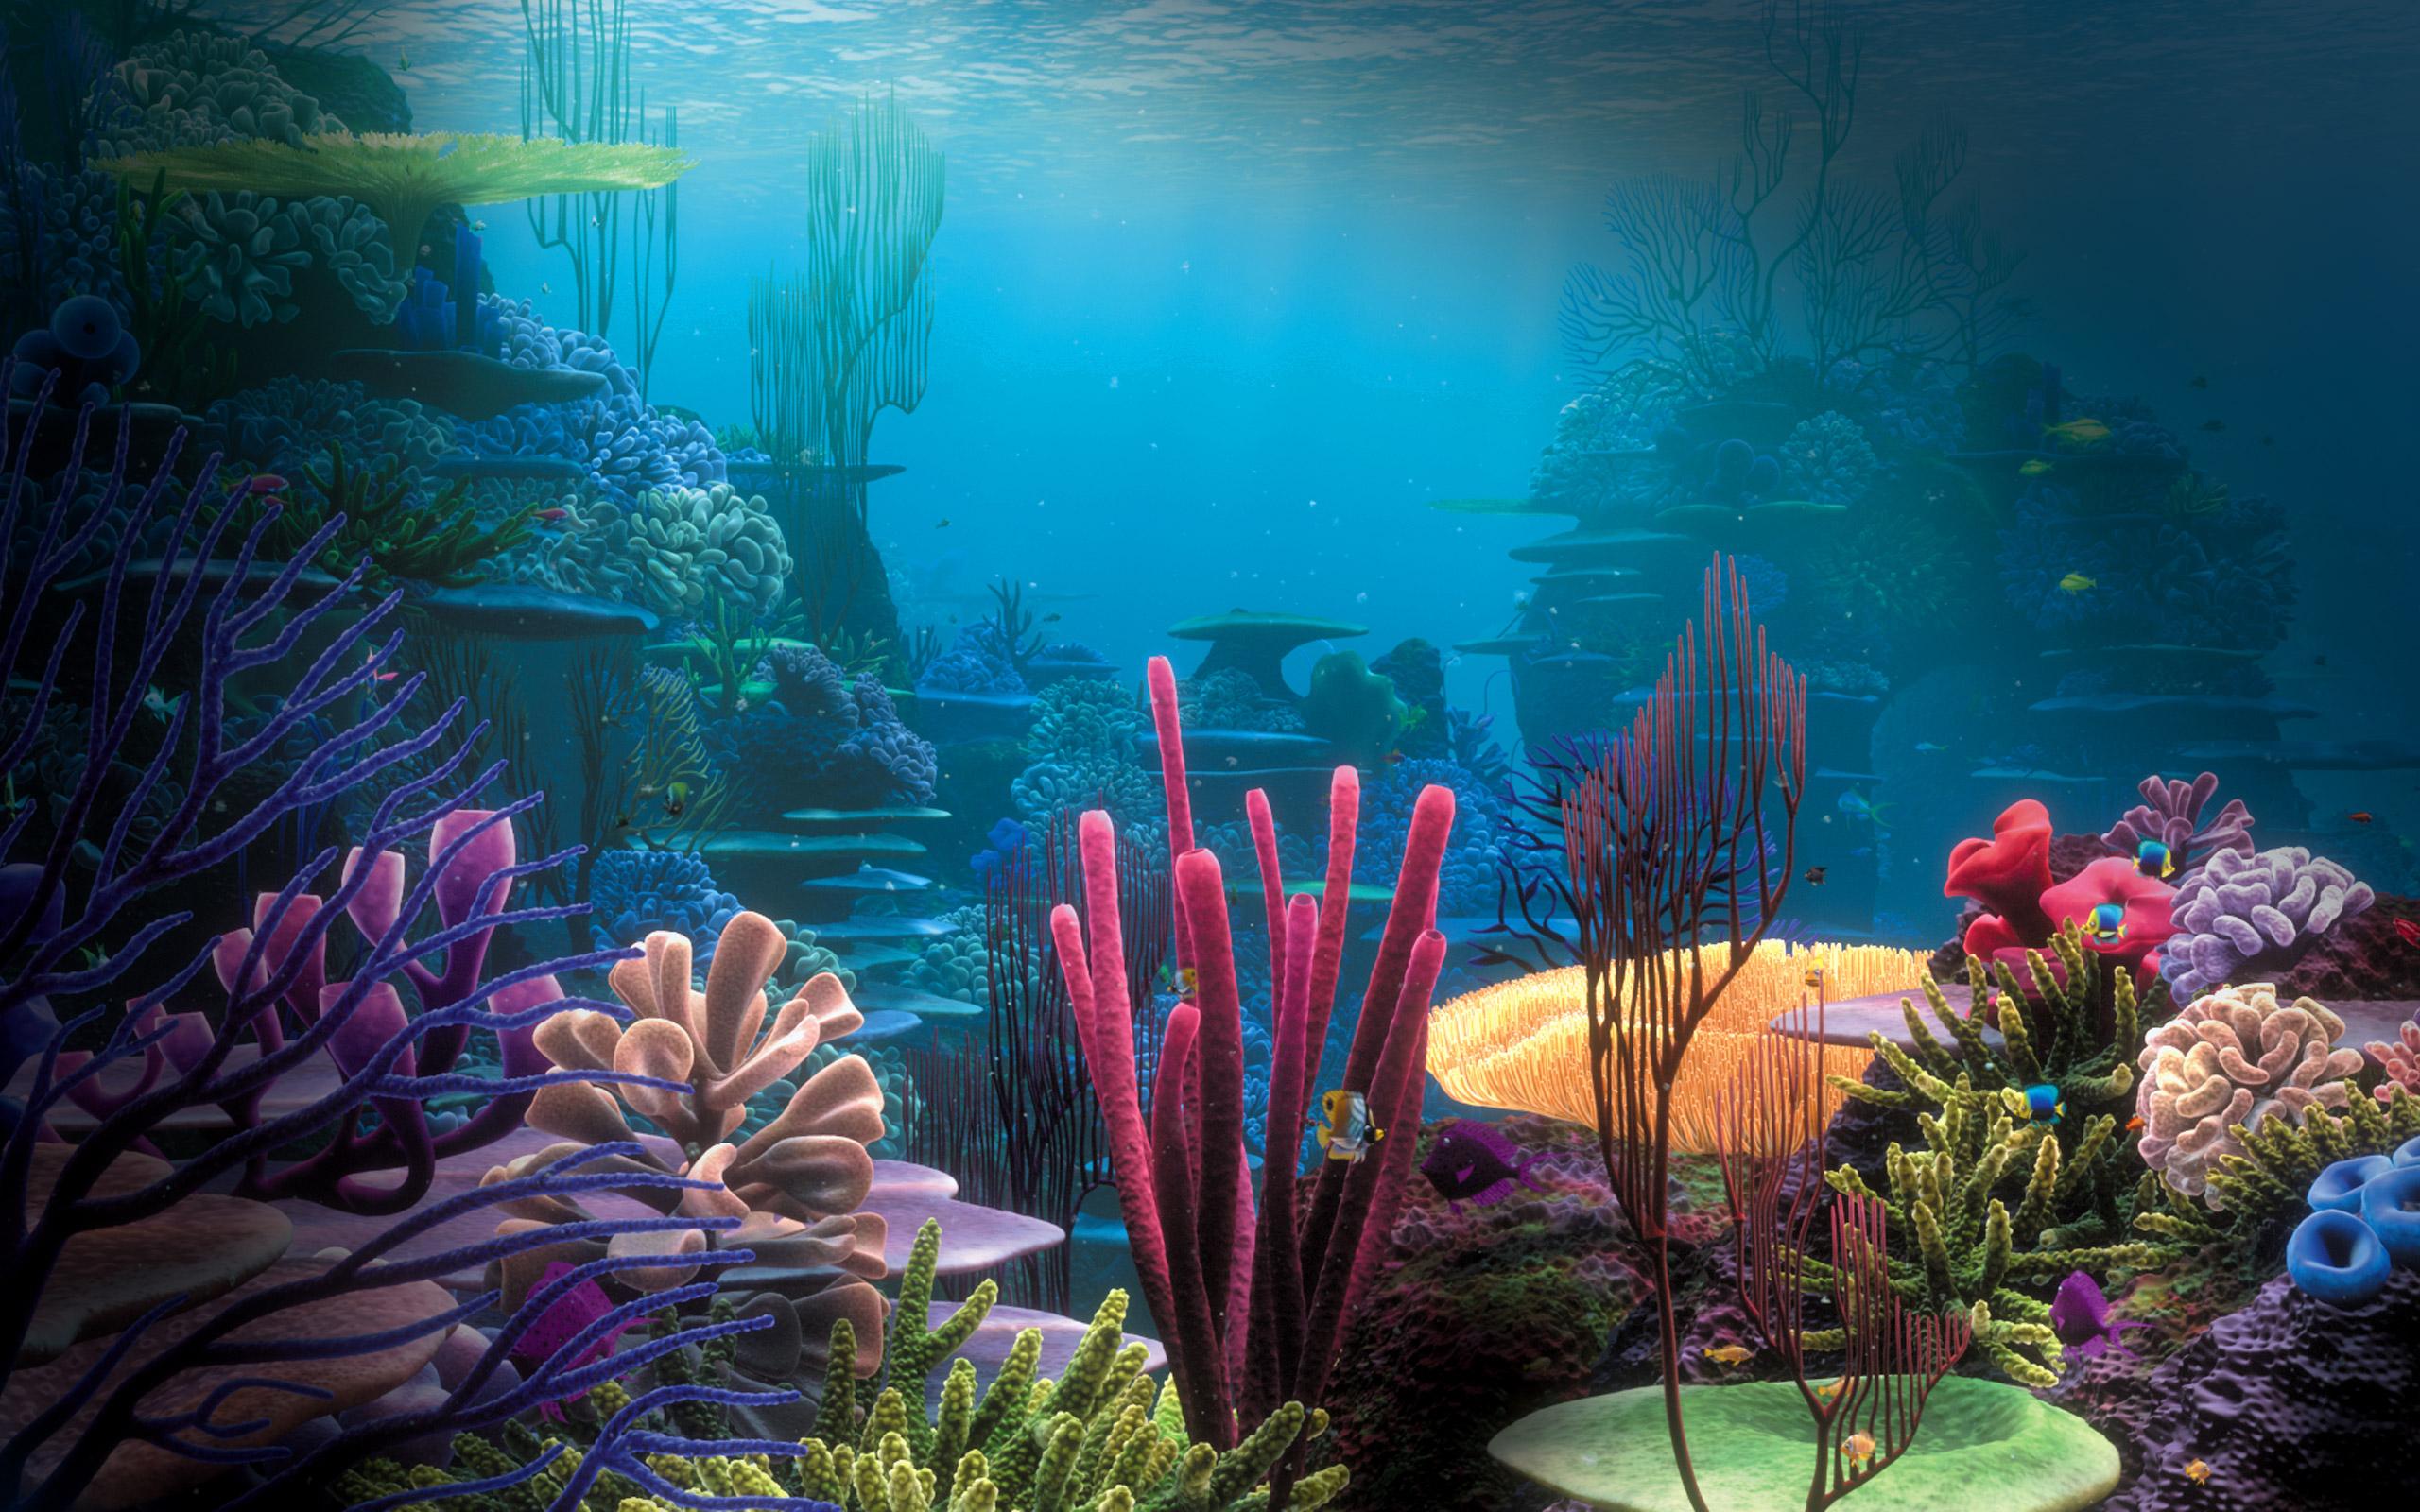 Underwater #20